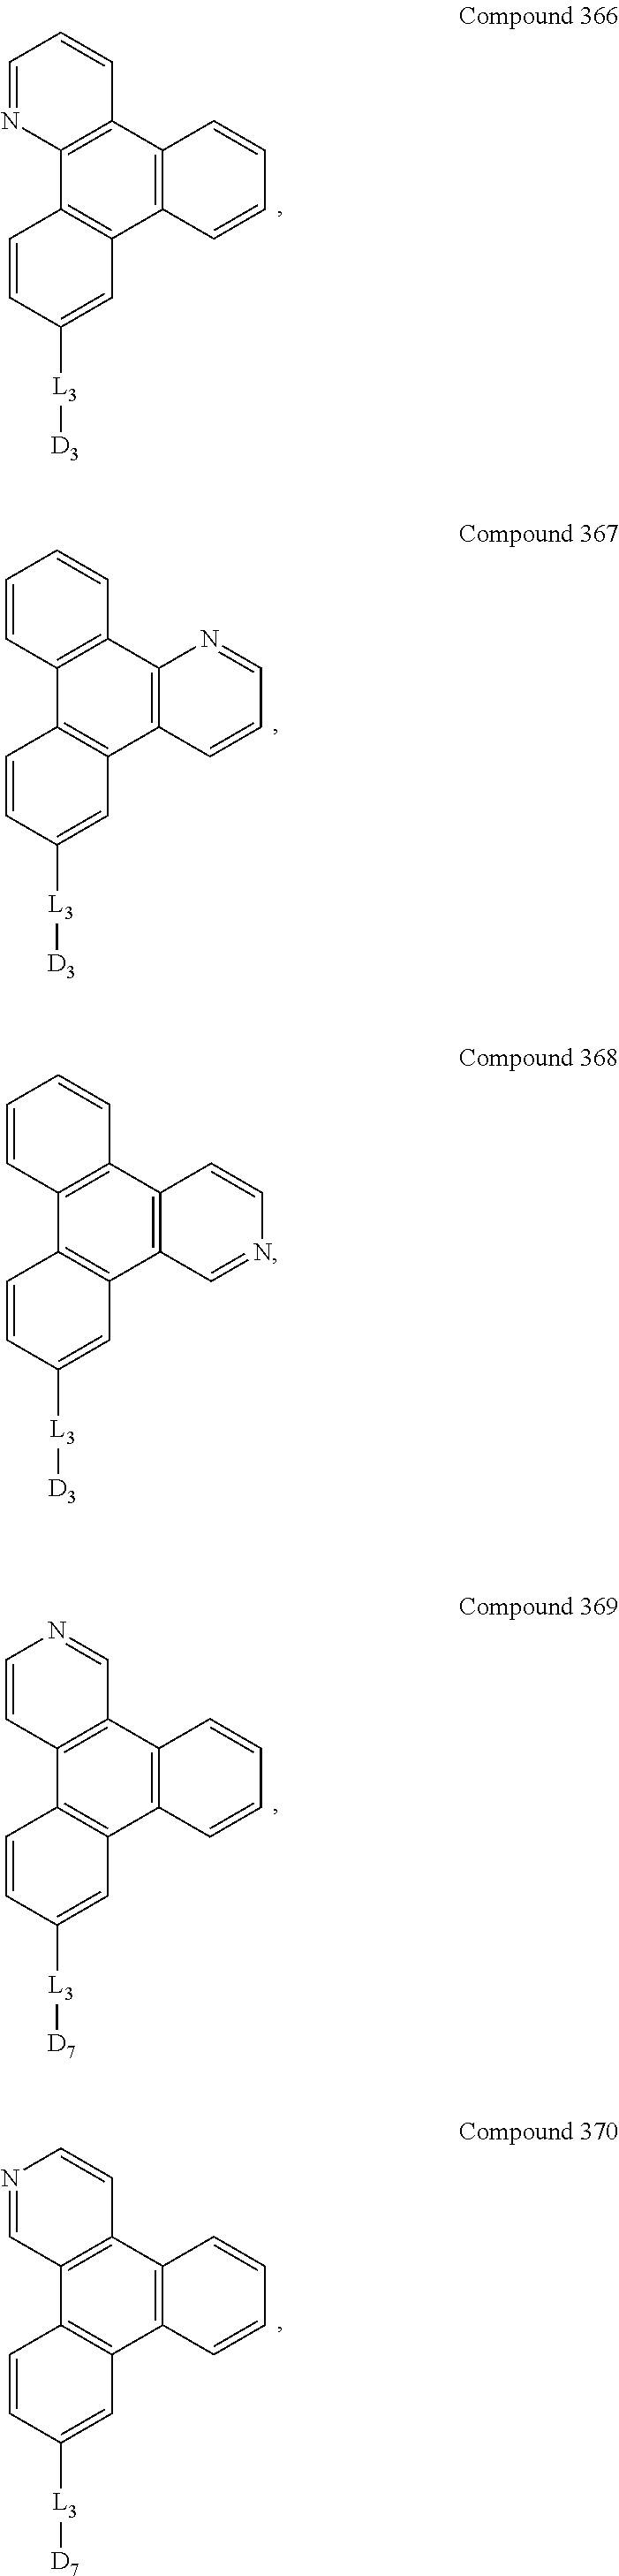 Figure US09537106-20170103-C00101